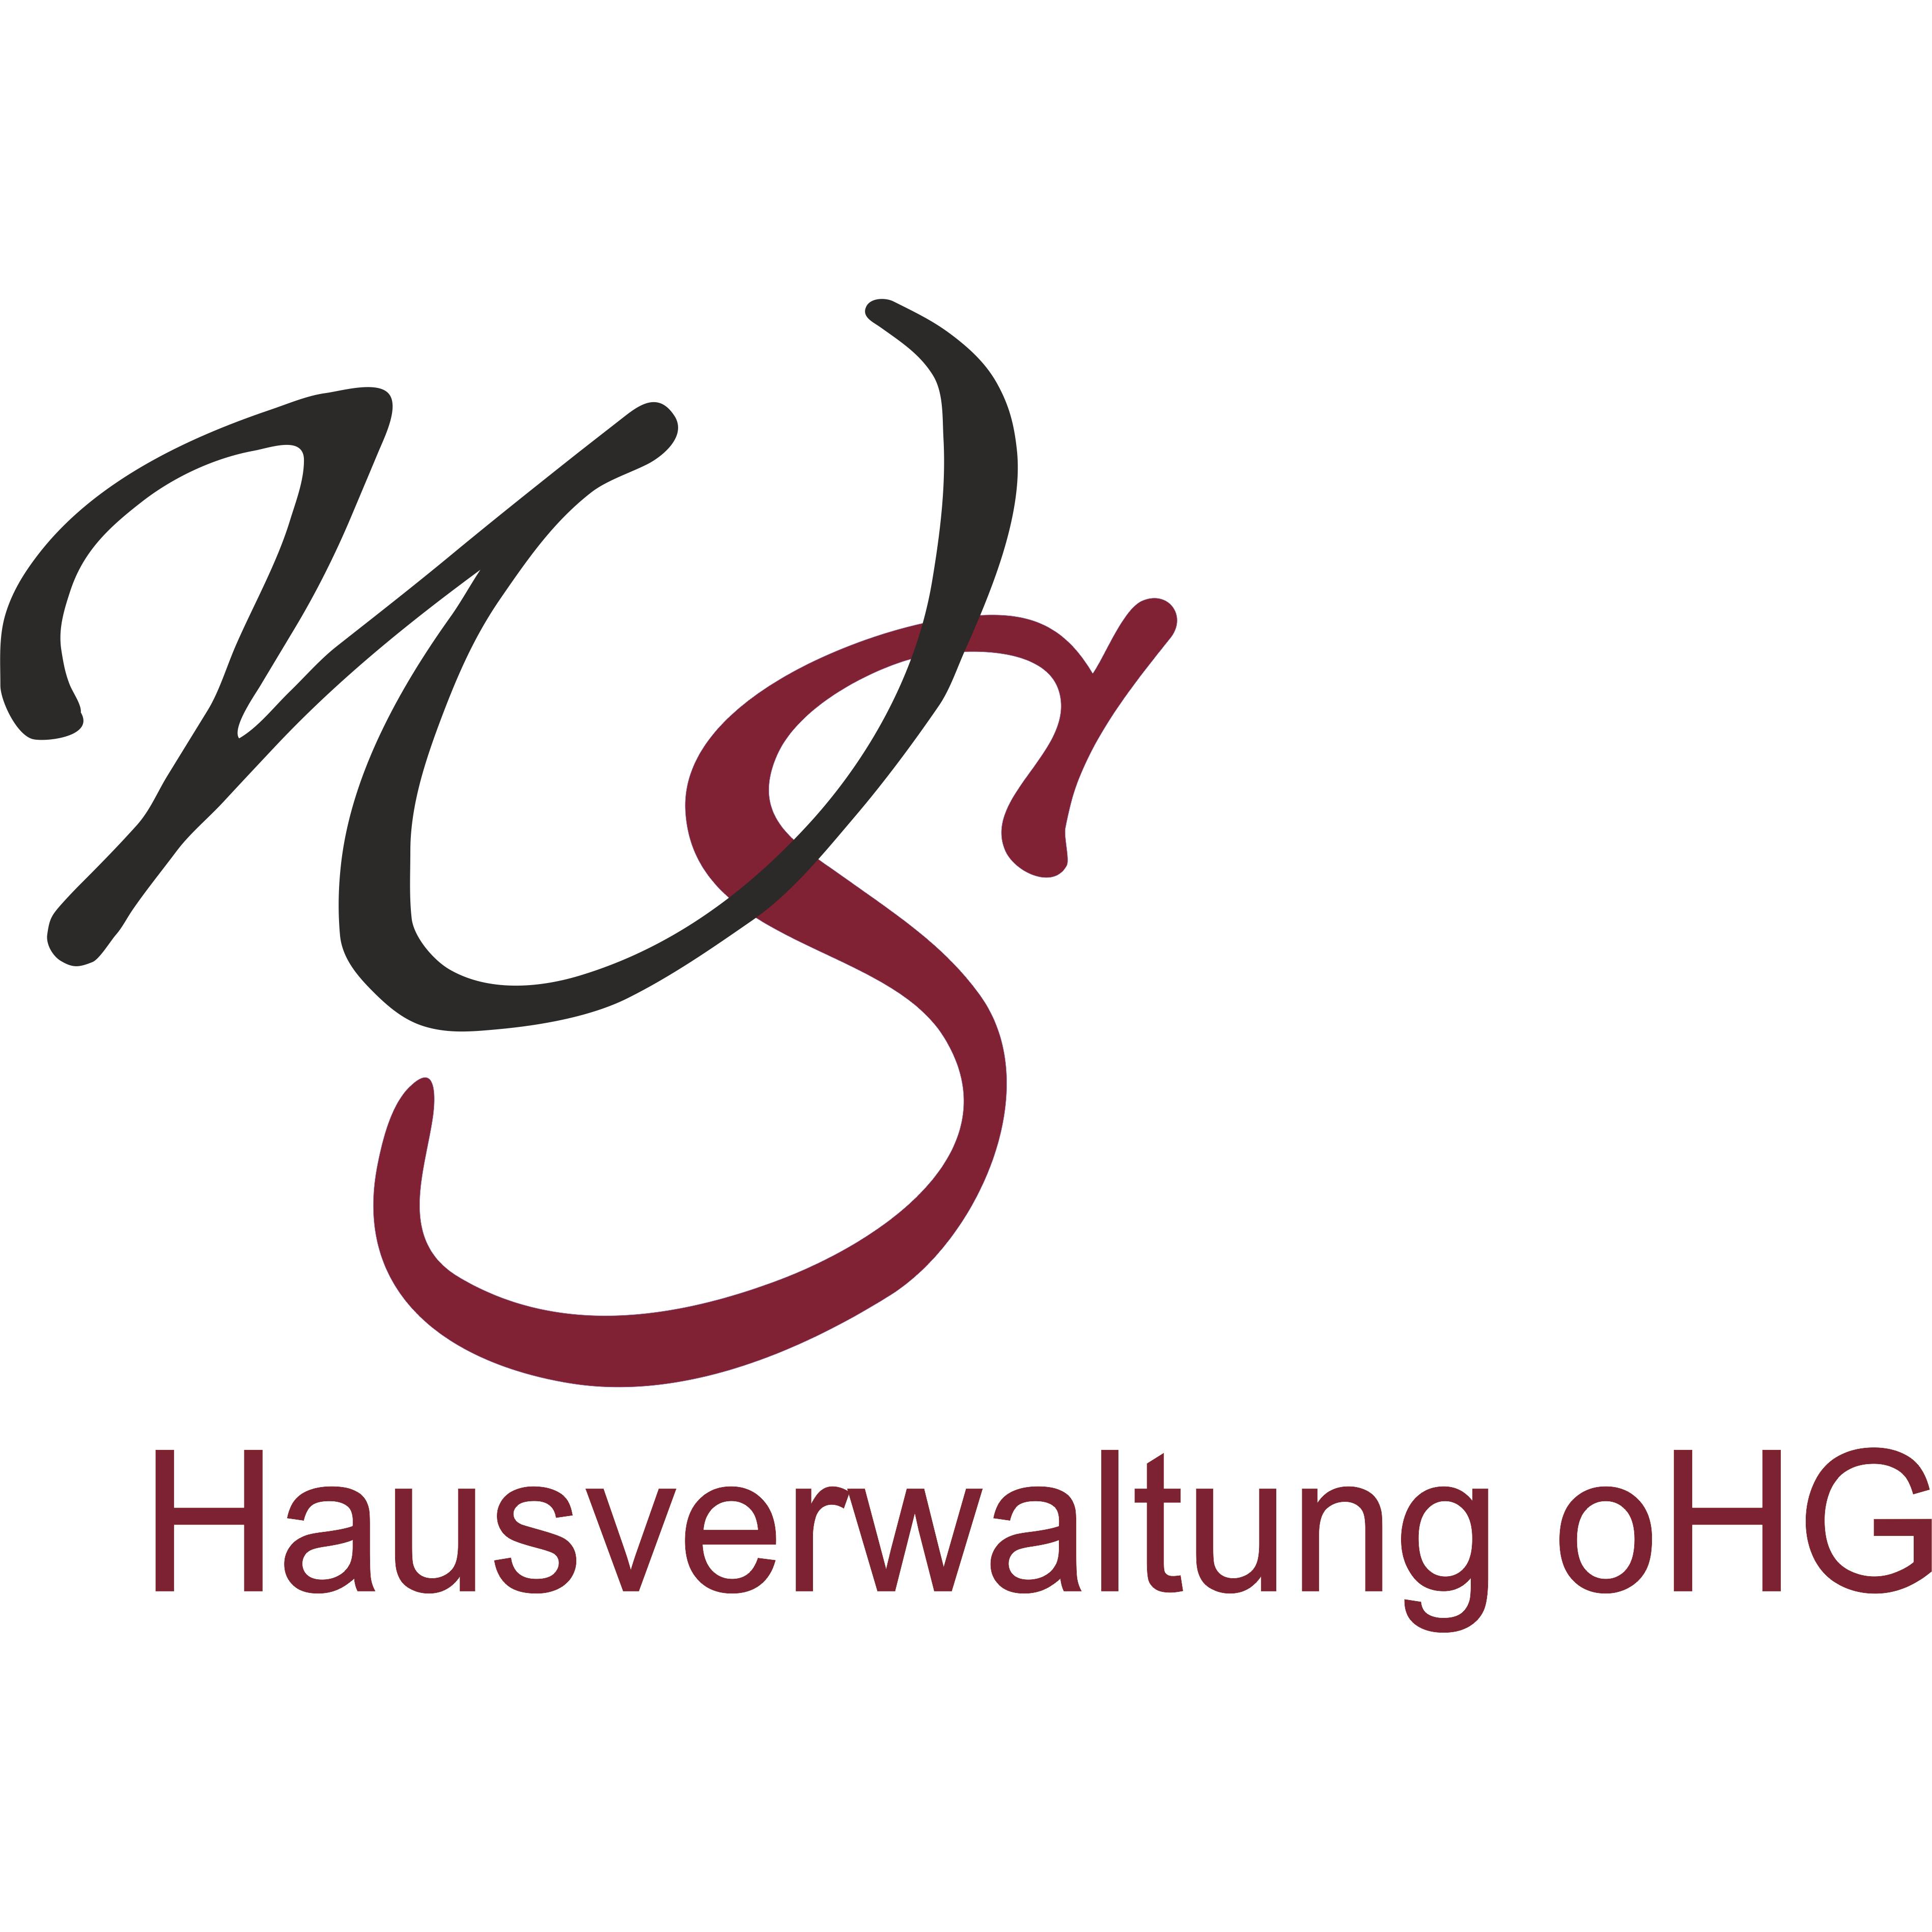 Bild zu WS Hausverwaltung oHG in Pfedelbach